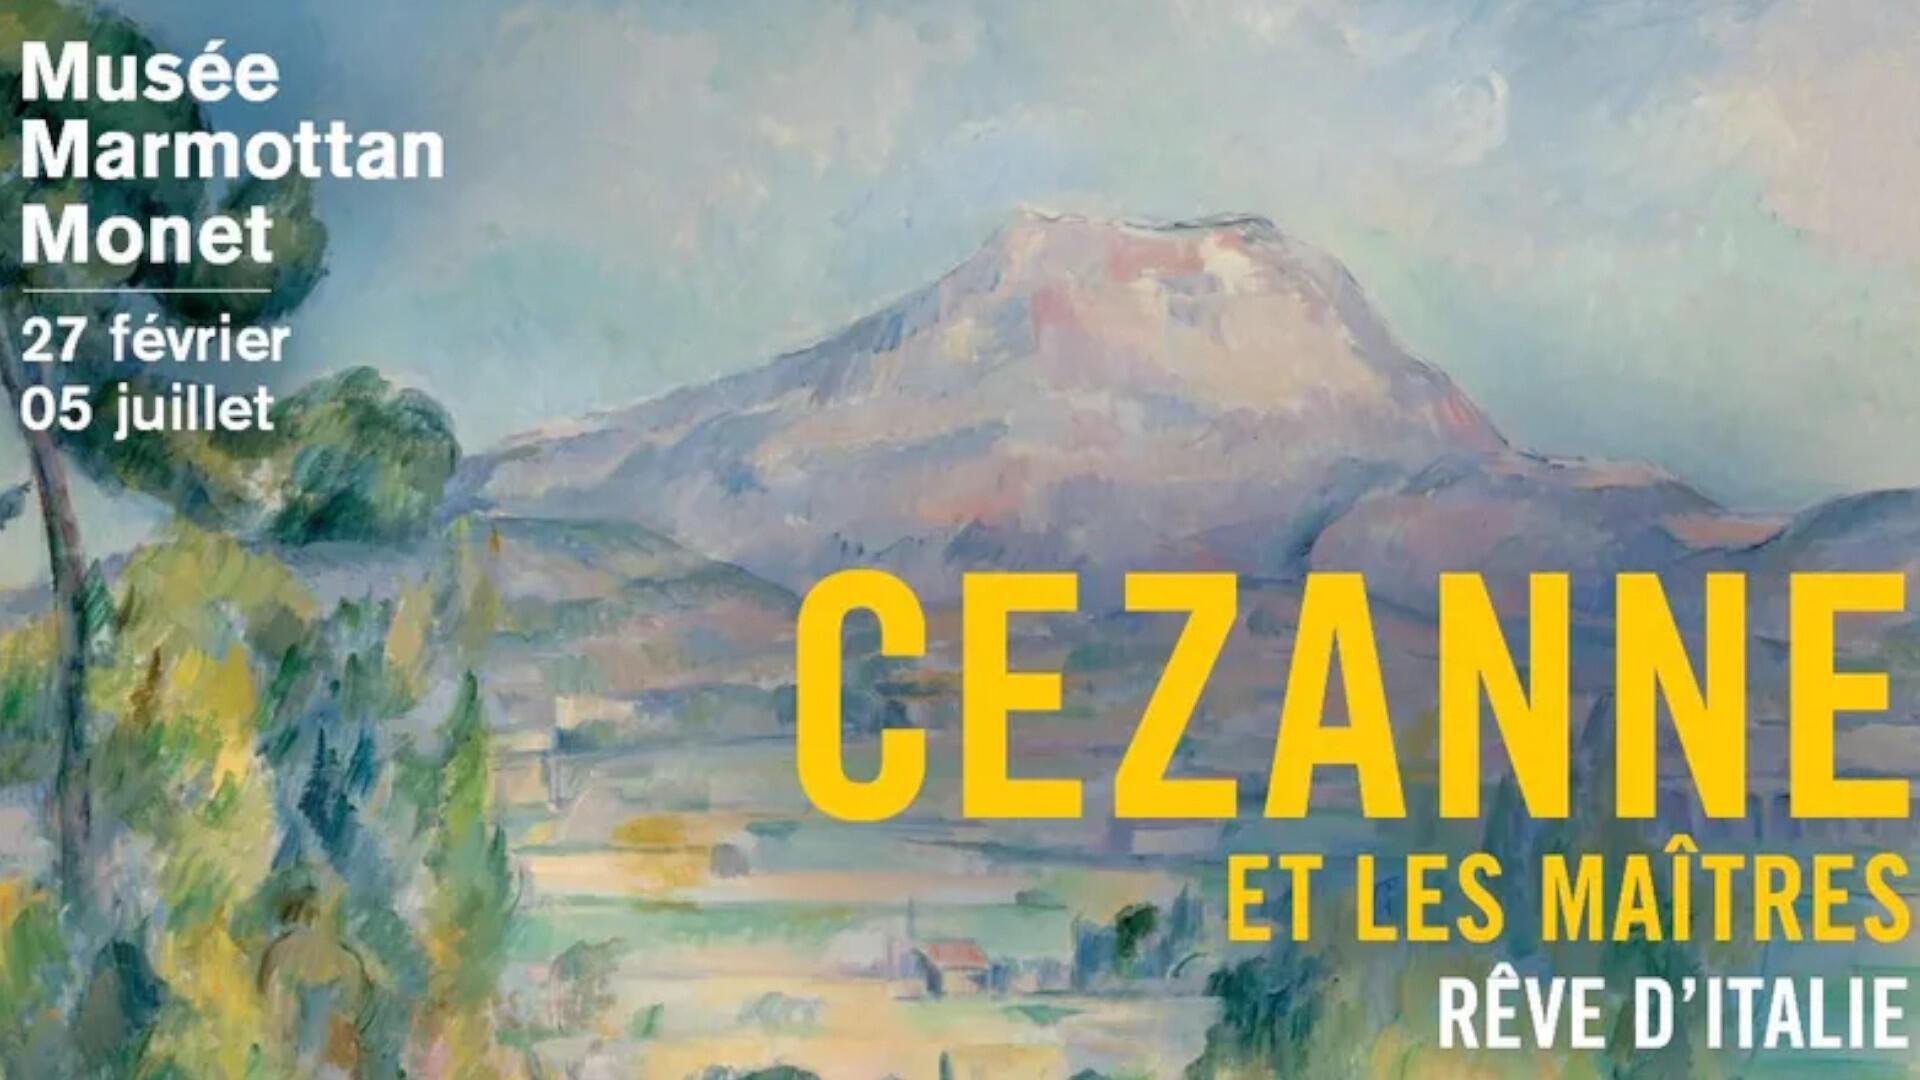 L'exposition «Cézanne et les maîtres. Rêve d'Italie», au Musée Marmottan à Paris jusqu'au 3 janvier 2021.